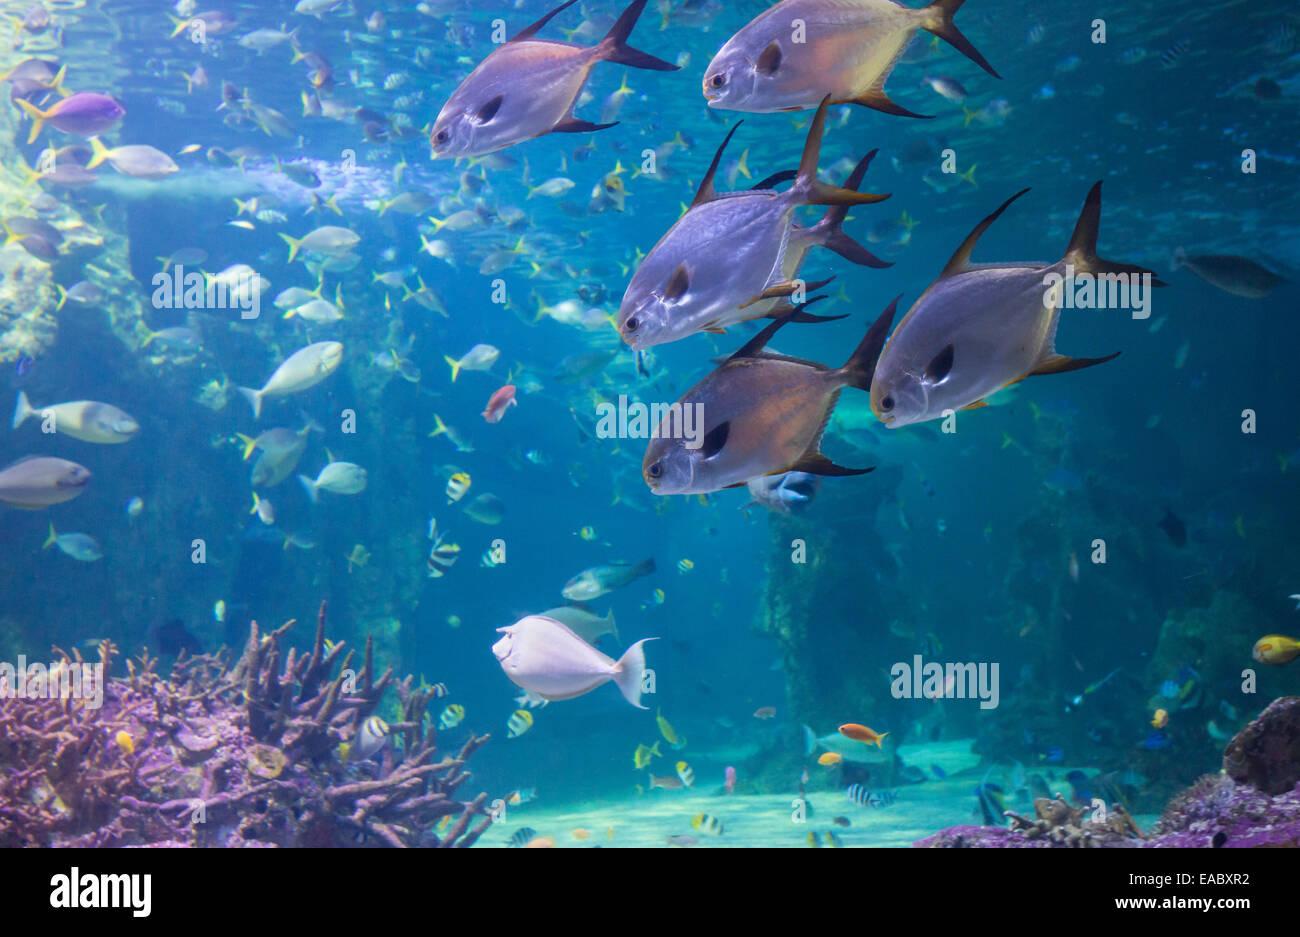 Grande Barrière de Corail dans l'aquarium Sea Life Aquarium de Sydney, Darling Harbour, Sydney, Australie Photo Stock